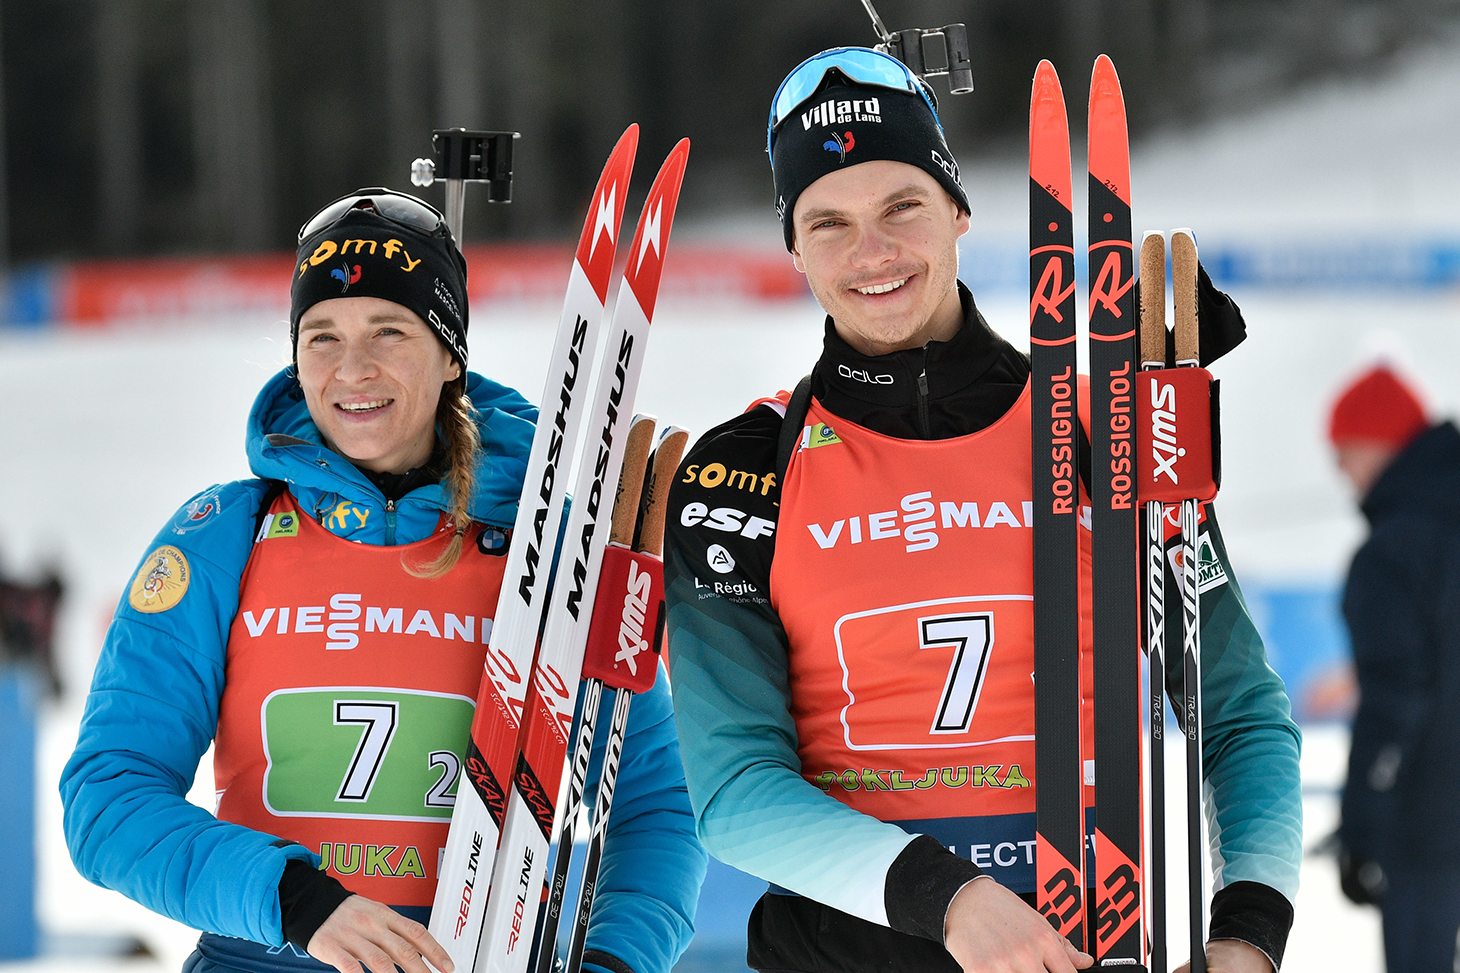 Emilien Jacquelin et Anaïs Bescond le 25 janvier 2020 lors de leur victoire en coupe du monde à Pokljuka Mount (Slovenie) © Shutterstock